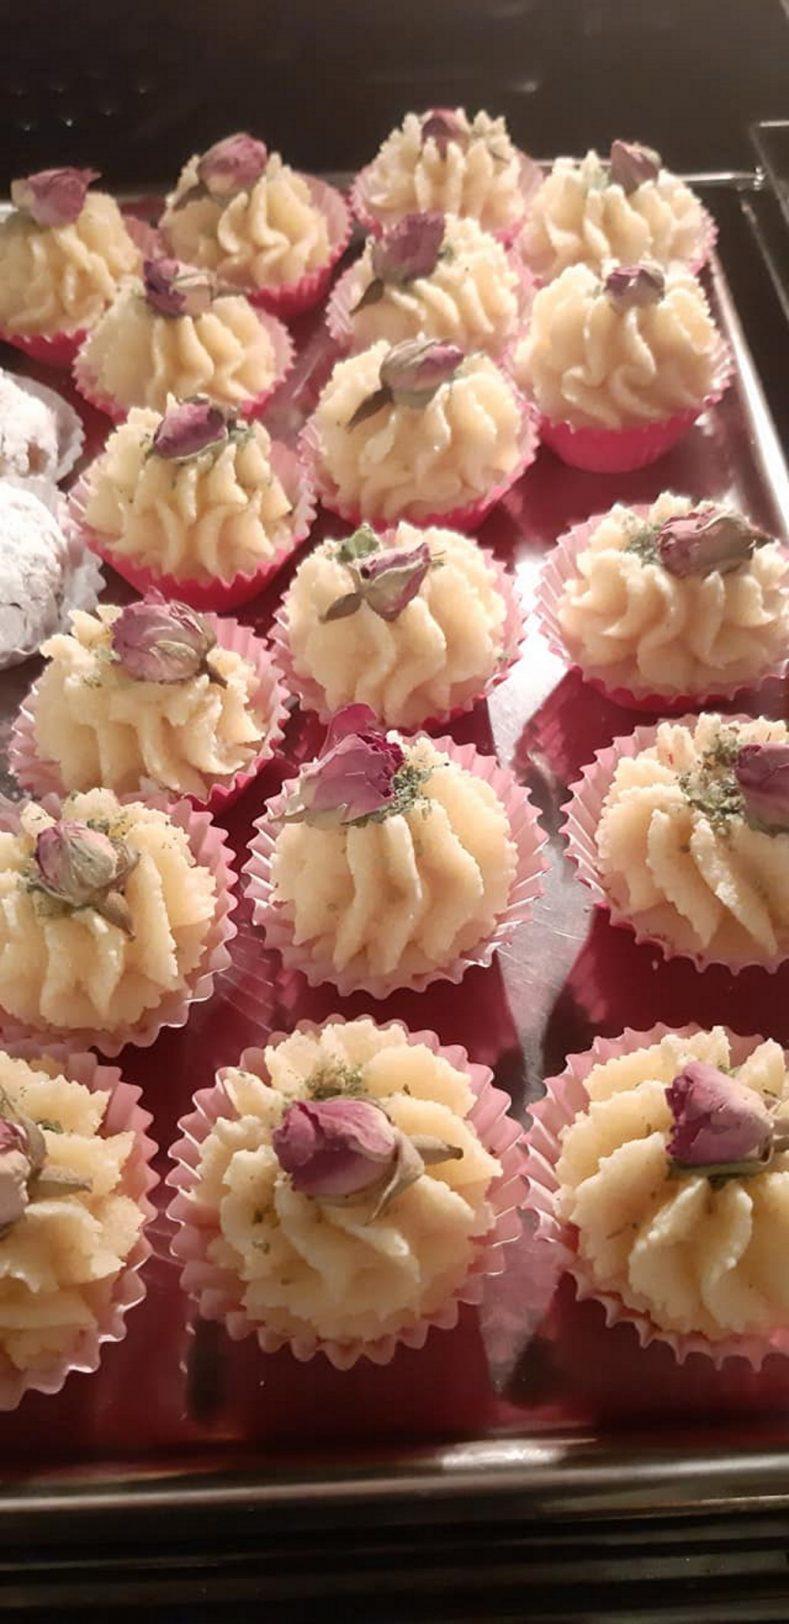 עוגיות מספאן_מתכון  של מגי נוני מרגלית